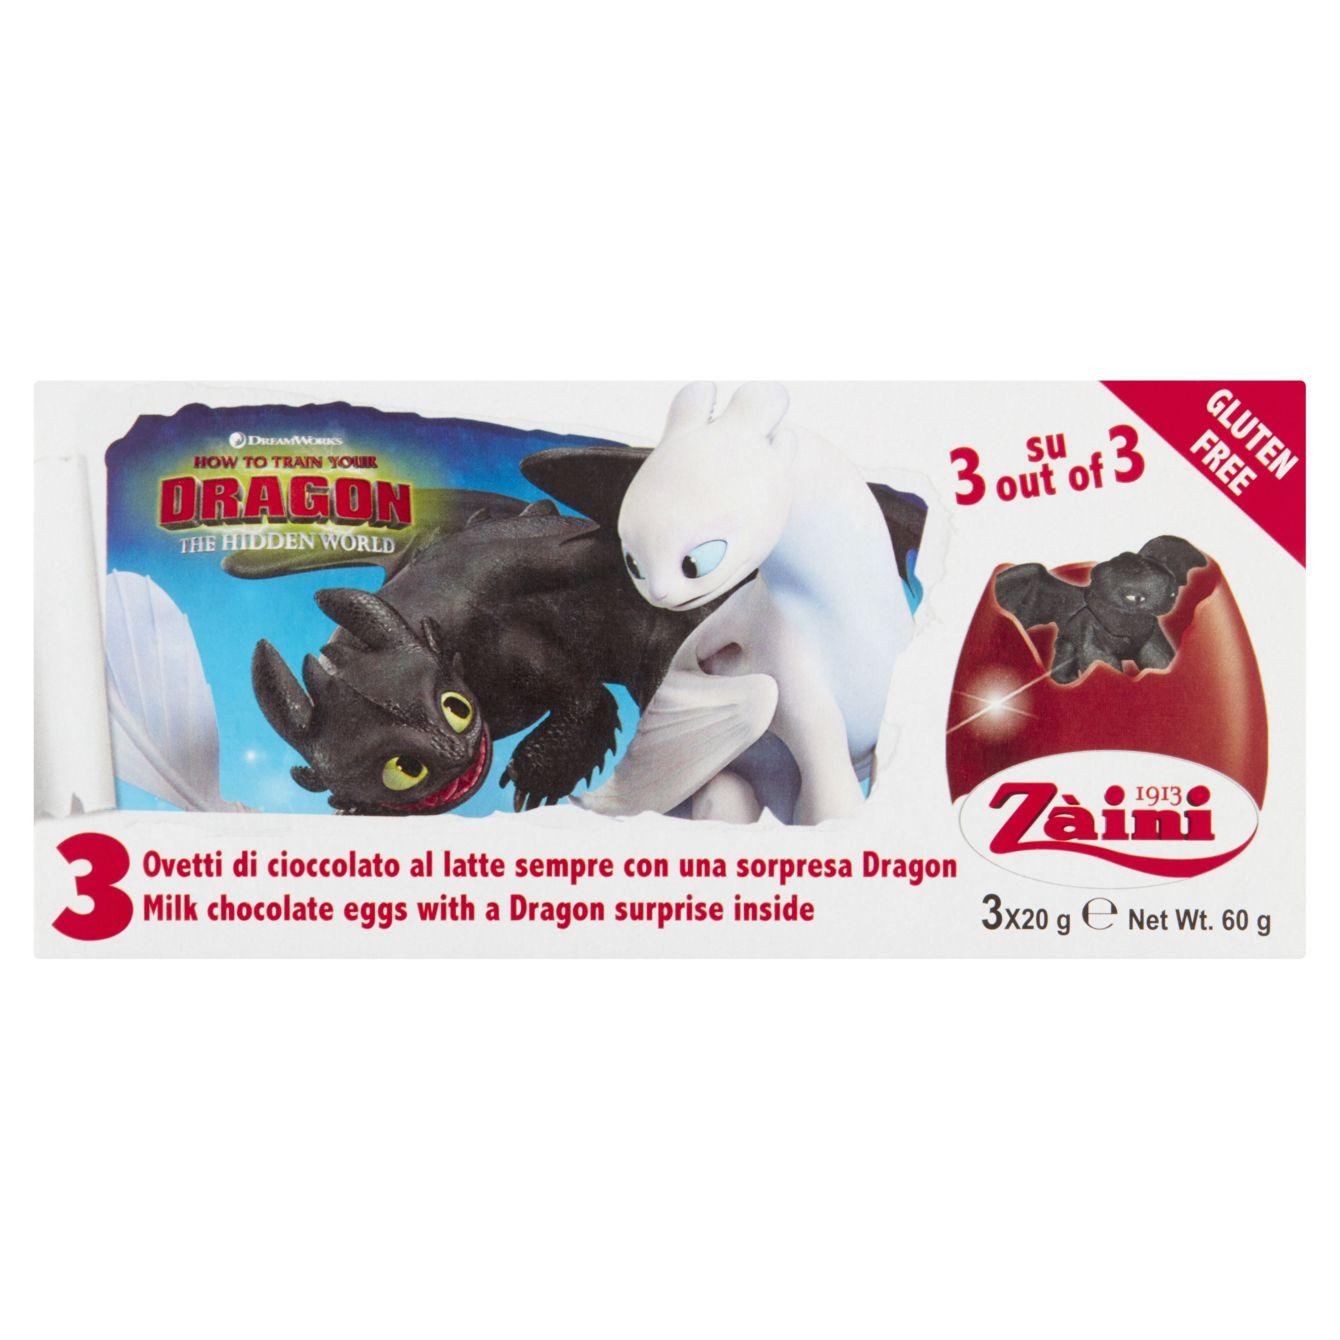 Zaini Chocolate Eggs Dragons 3-pack